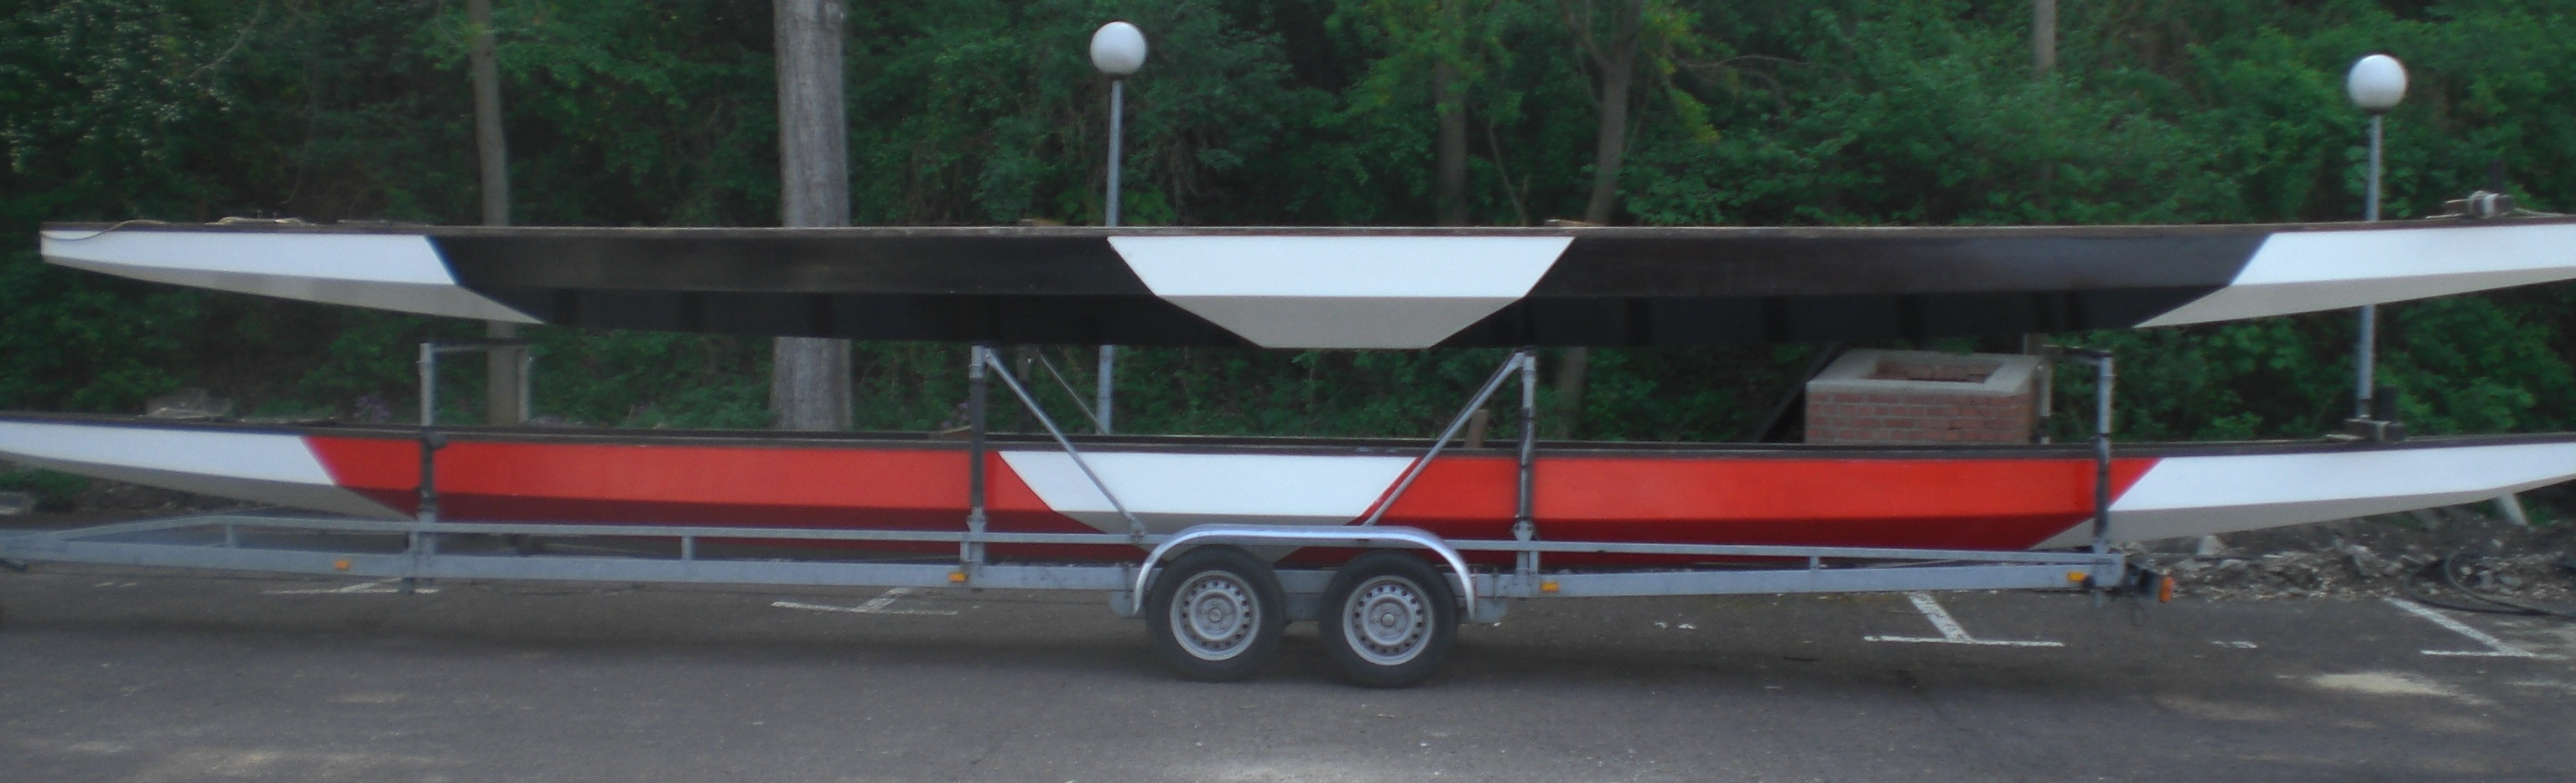 Drachenboote zum beschriften